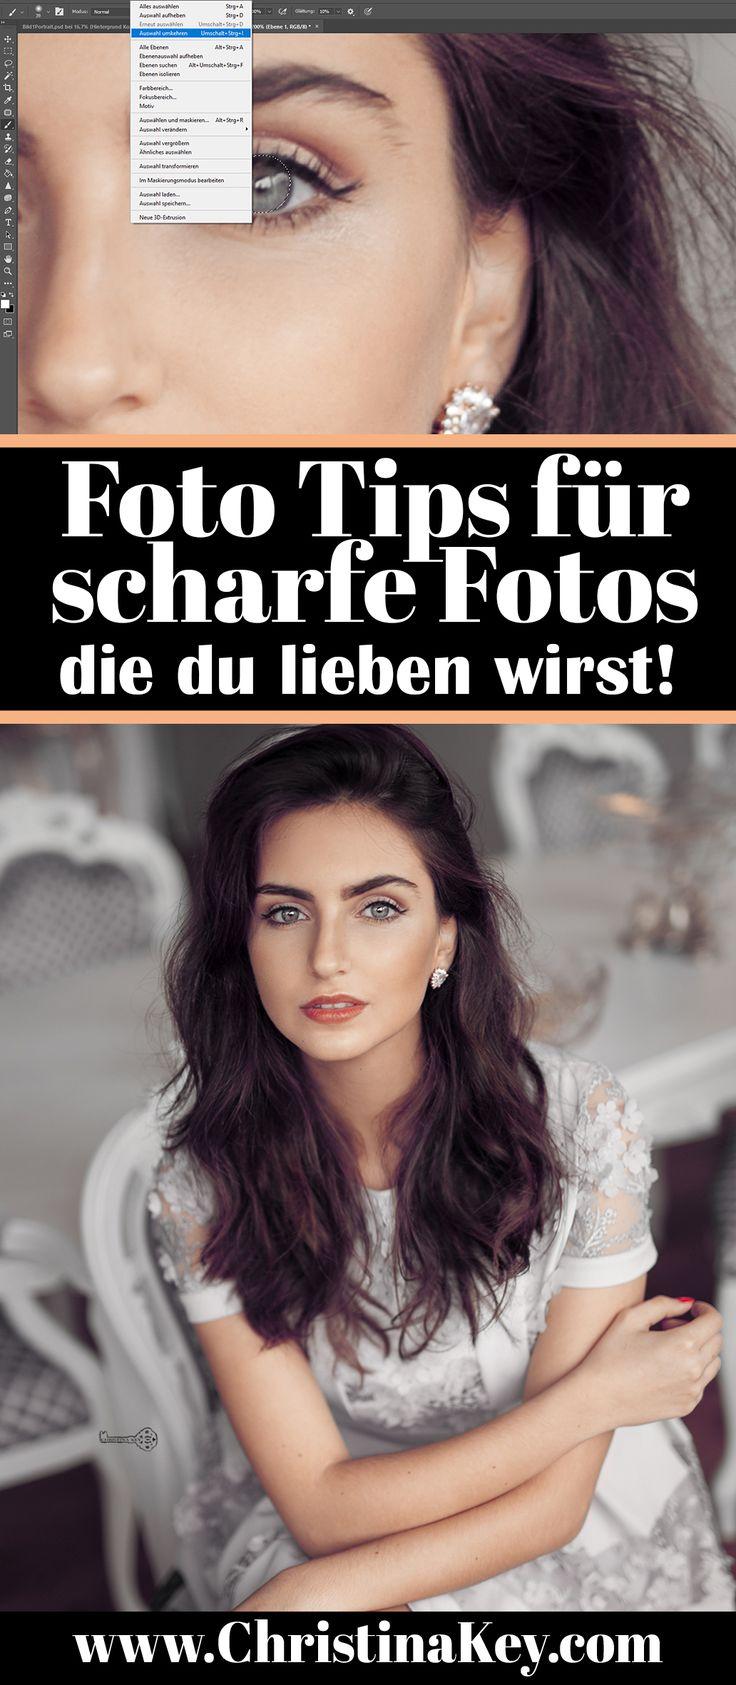 Fotografie Tipps für richtig scharfe Fotos! Mit diesen Foto Tipps & Tricks werden Deine Fotos nie wieder unscharf! Mit vielen Bild Beispielen und Bildbearbeitungs Tipps! Jetzt entdecken auf CHRISTINA KEY - dem Fotografie, Blogger Tipps, Rezepte, Mode und DIY Blog aus Berlin, Deutschland